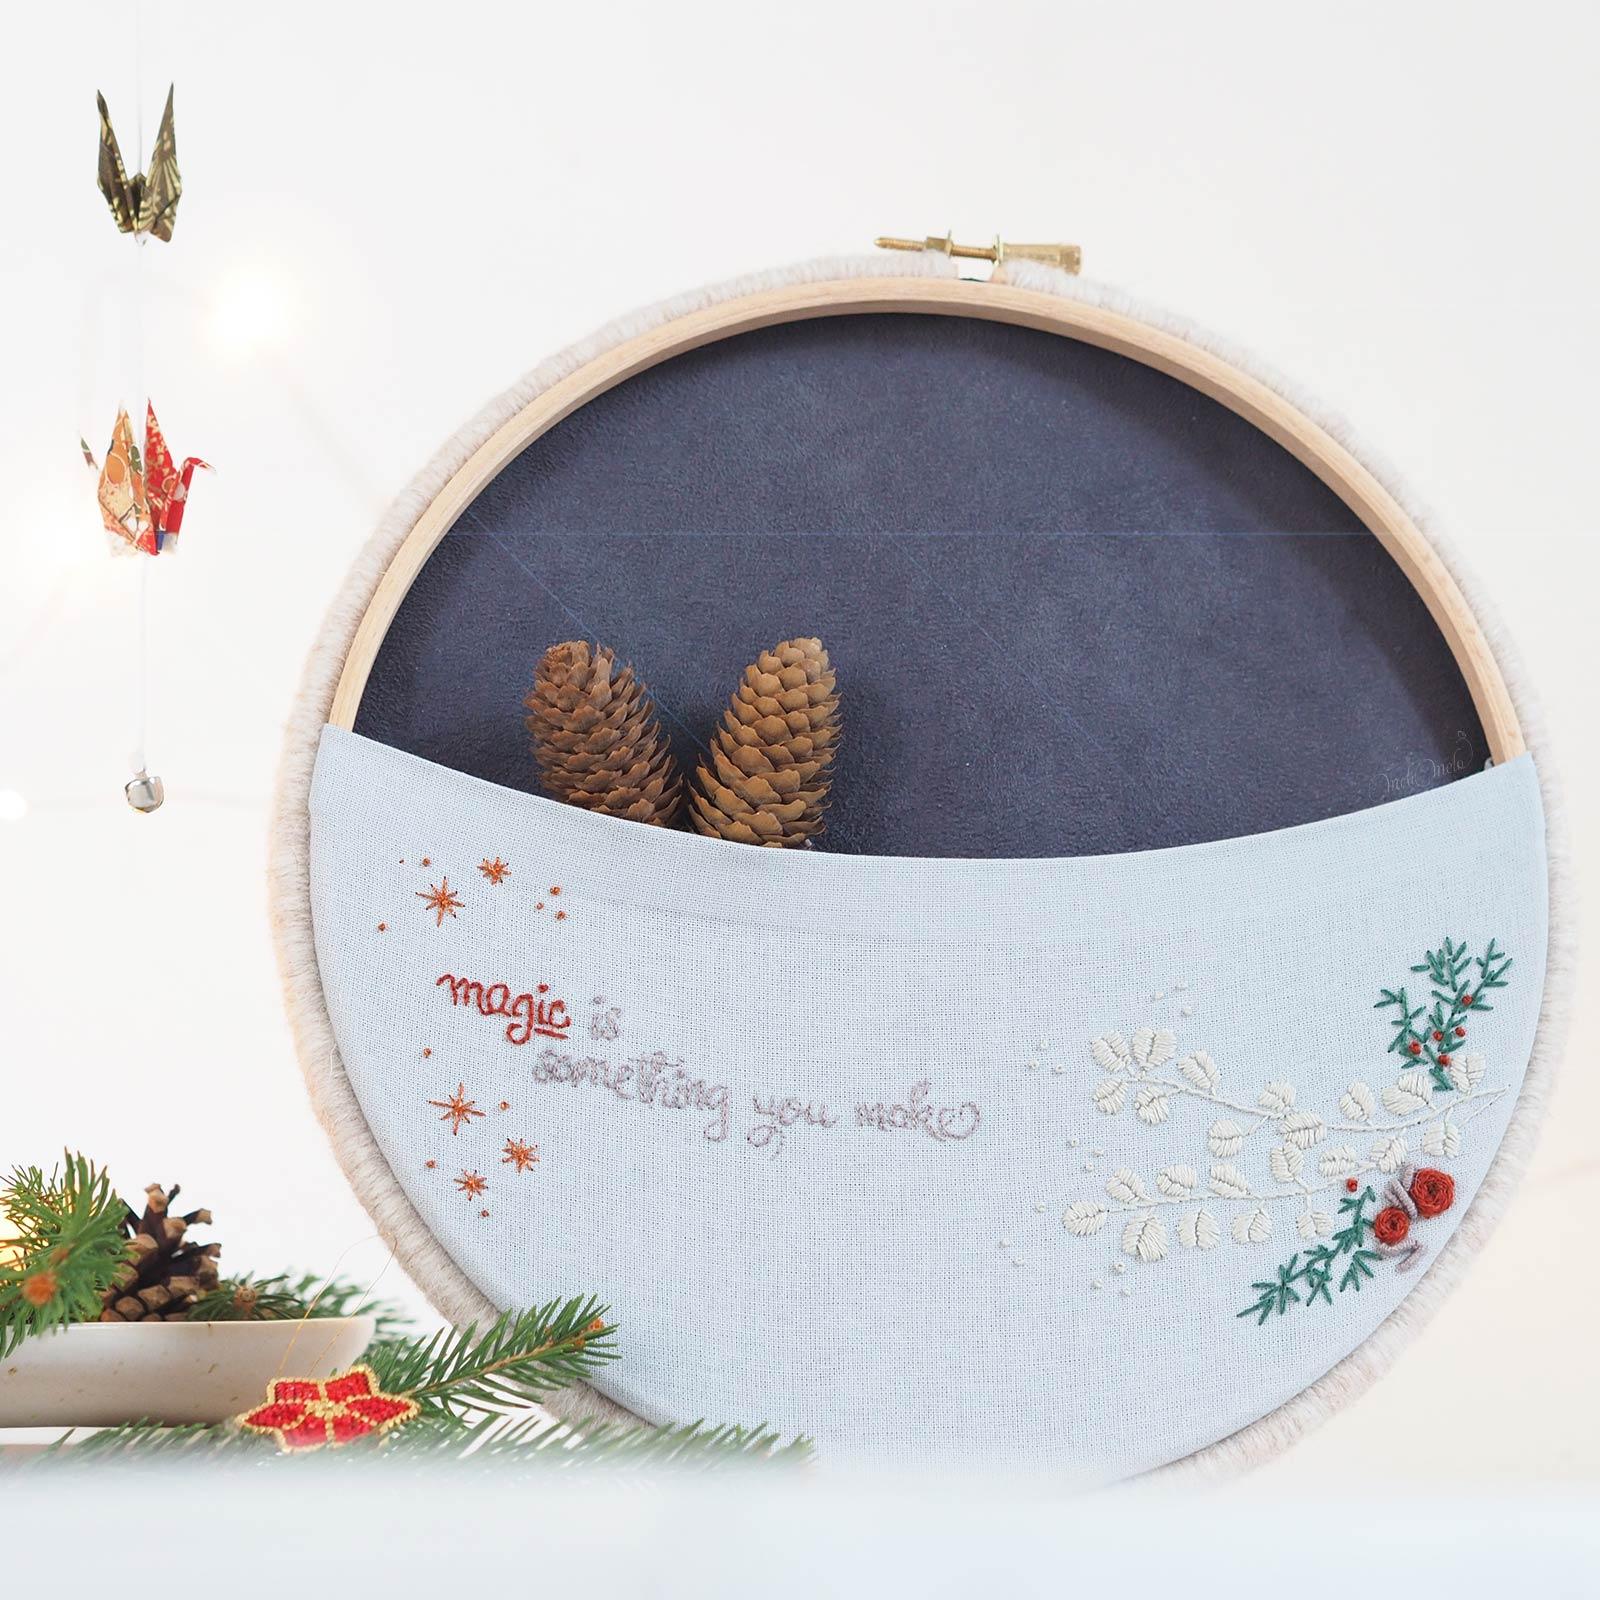 pochette-tambour-broderie-deco-murale-happymail-snailmailavecmeli-laboutiquedemelimelo